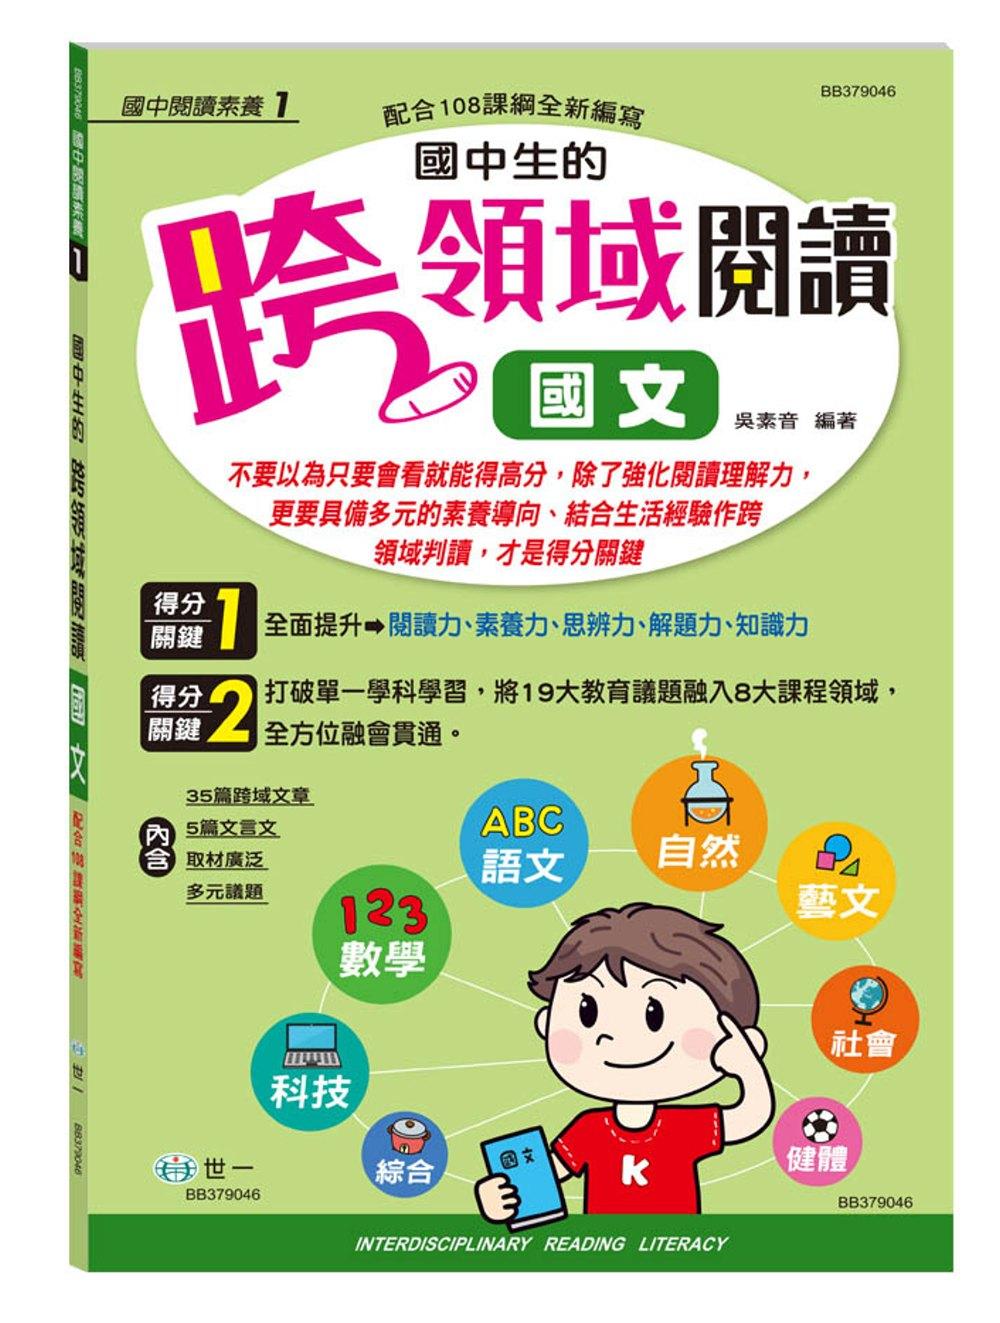 國中生的跨領域閱讀國文